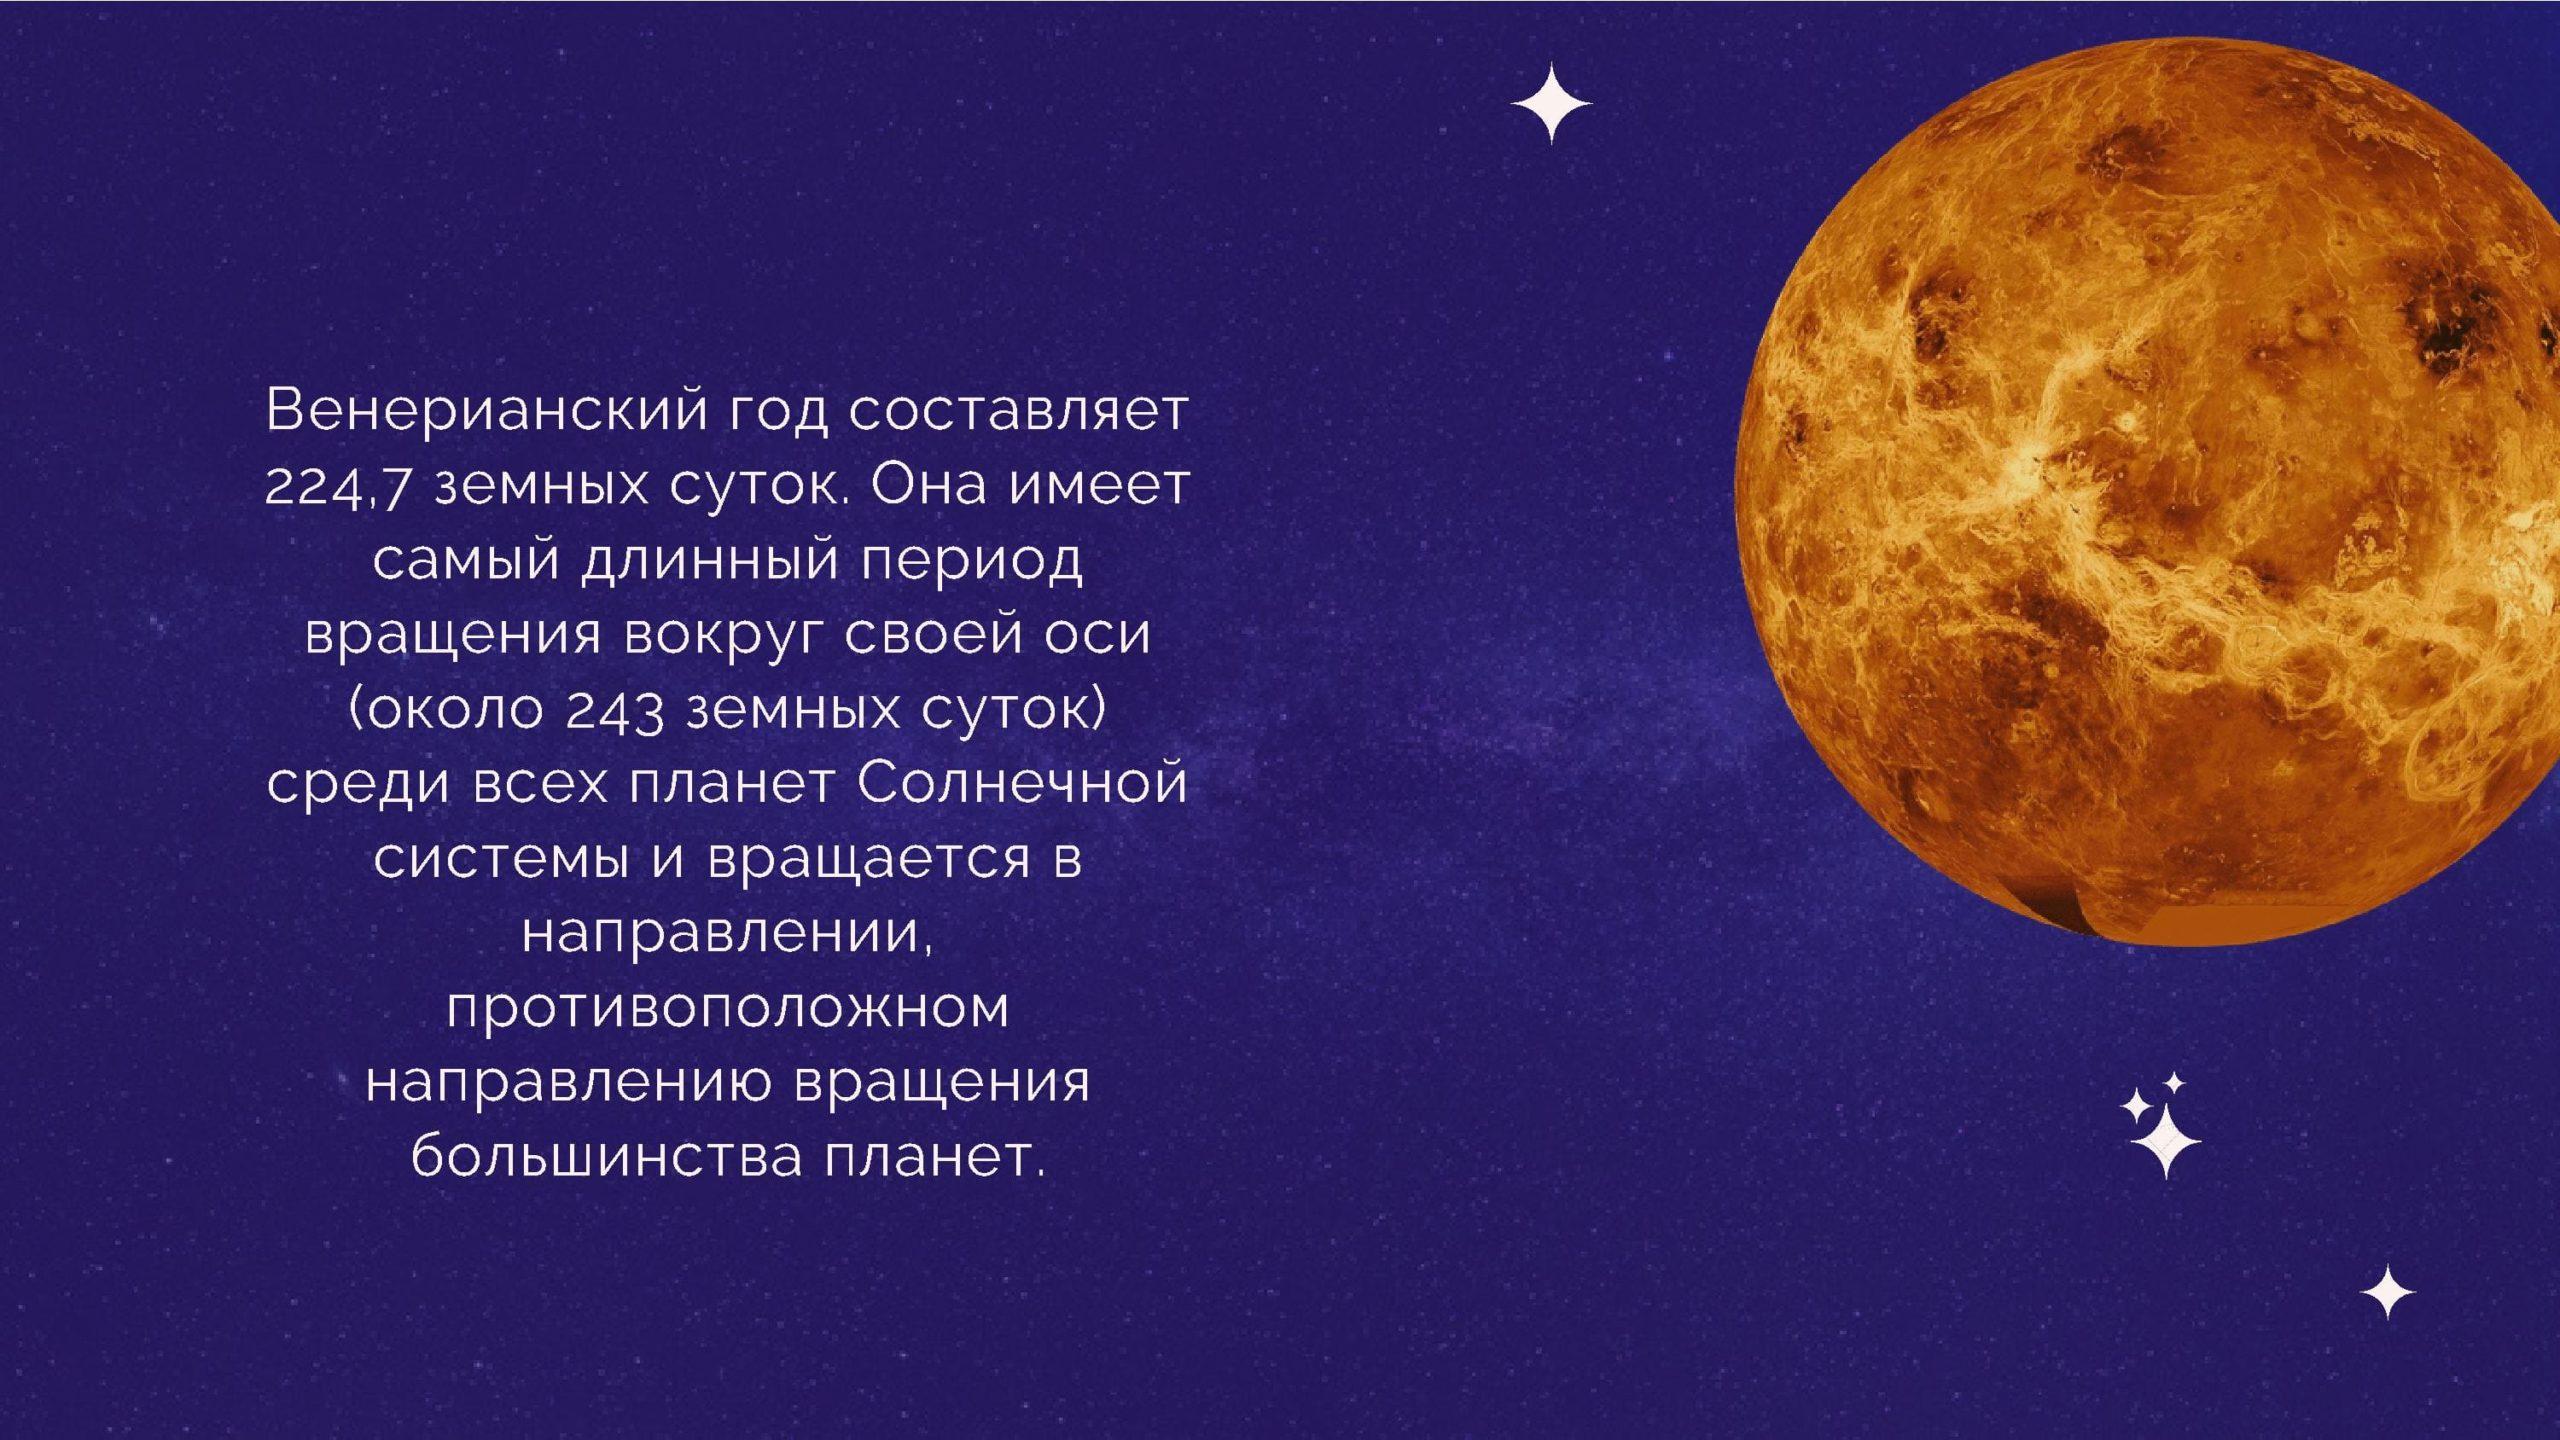 Венерианский год составляет 224,7 земных суток